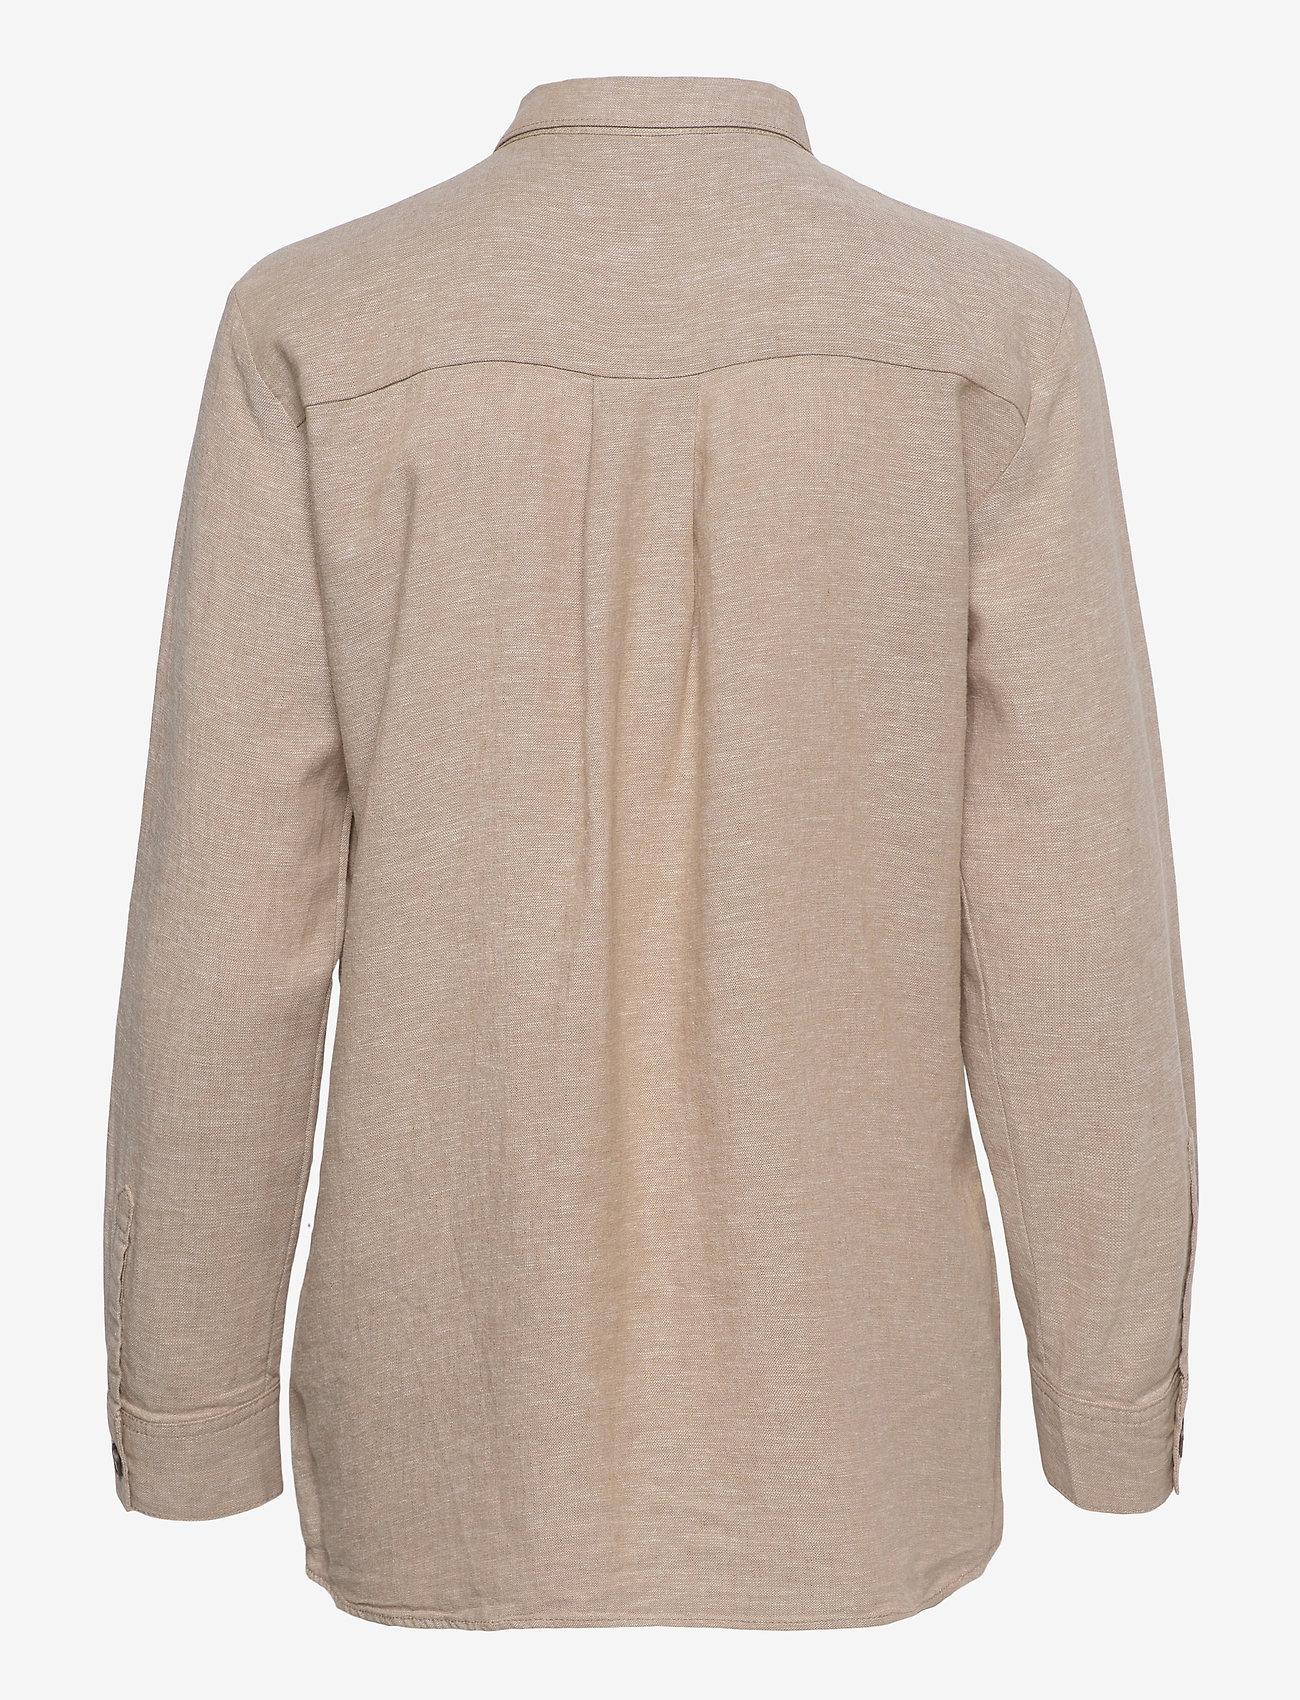 FREE/QUENT - FQLAVA-SH - langærmede skjorter - sand melange - 1